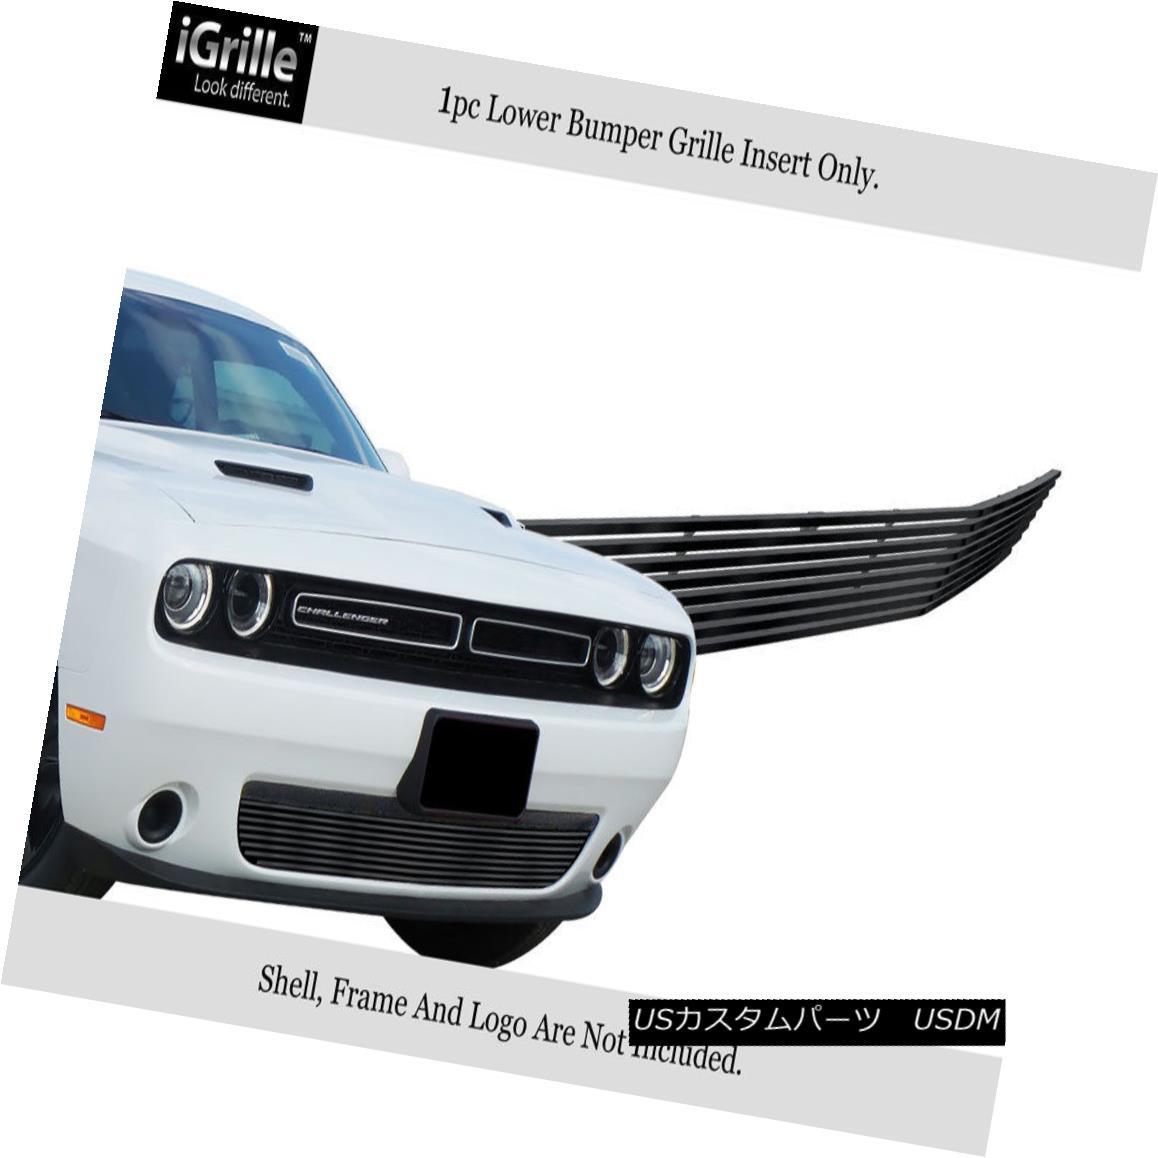 グリル Fits 15-18 Dodge Challenger W/O Cruise Contr Bumper Stainless Black Billet Grill フィット15-18ダッジチャレンジャーW / Oクルーズコントロールバンパーステンレスブラックビレットグリル